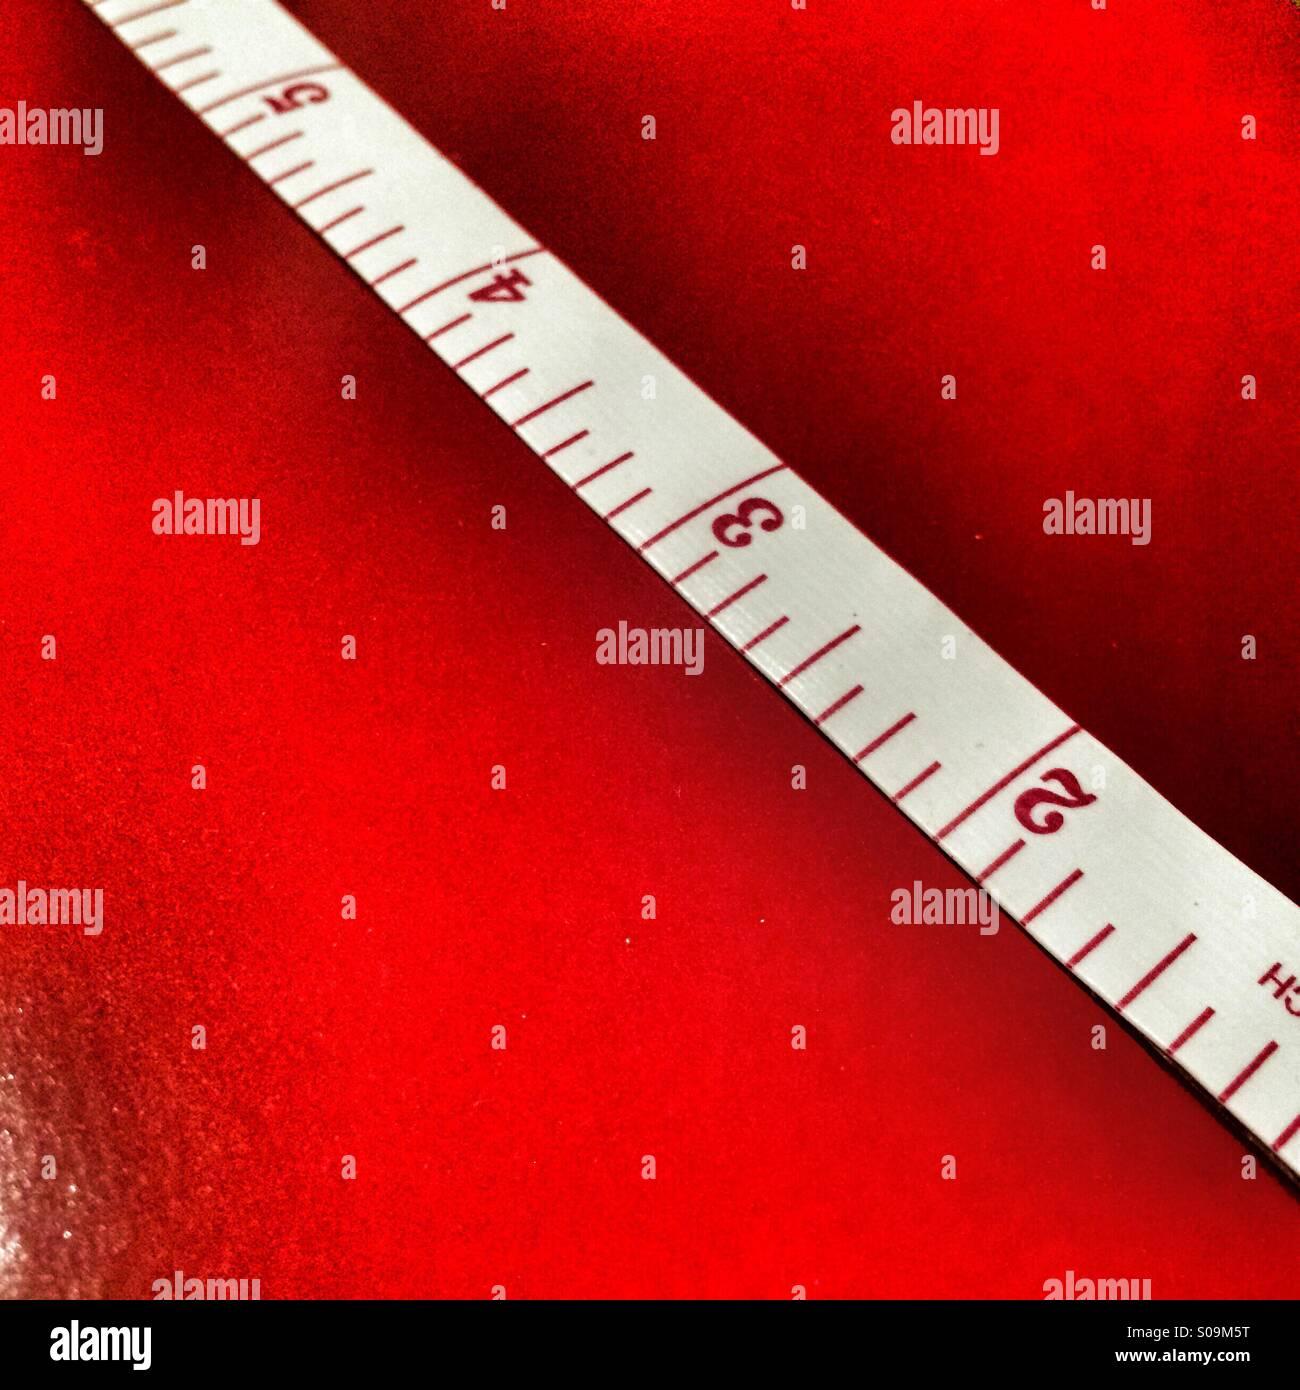 Cinta métrica mostrando pulgadas sobre un fondo rojo. Imagen De Stock